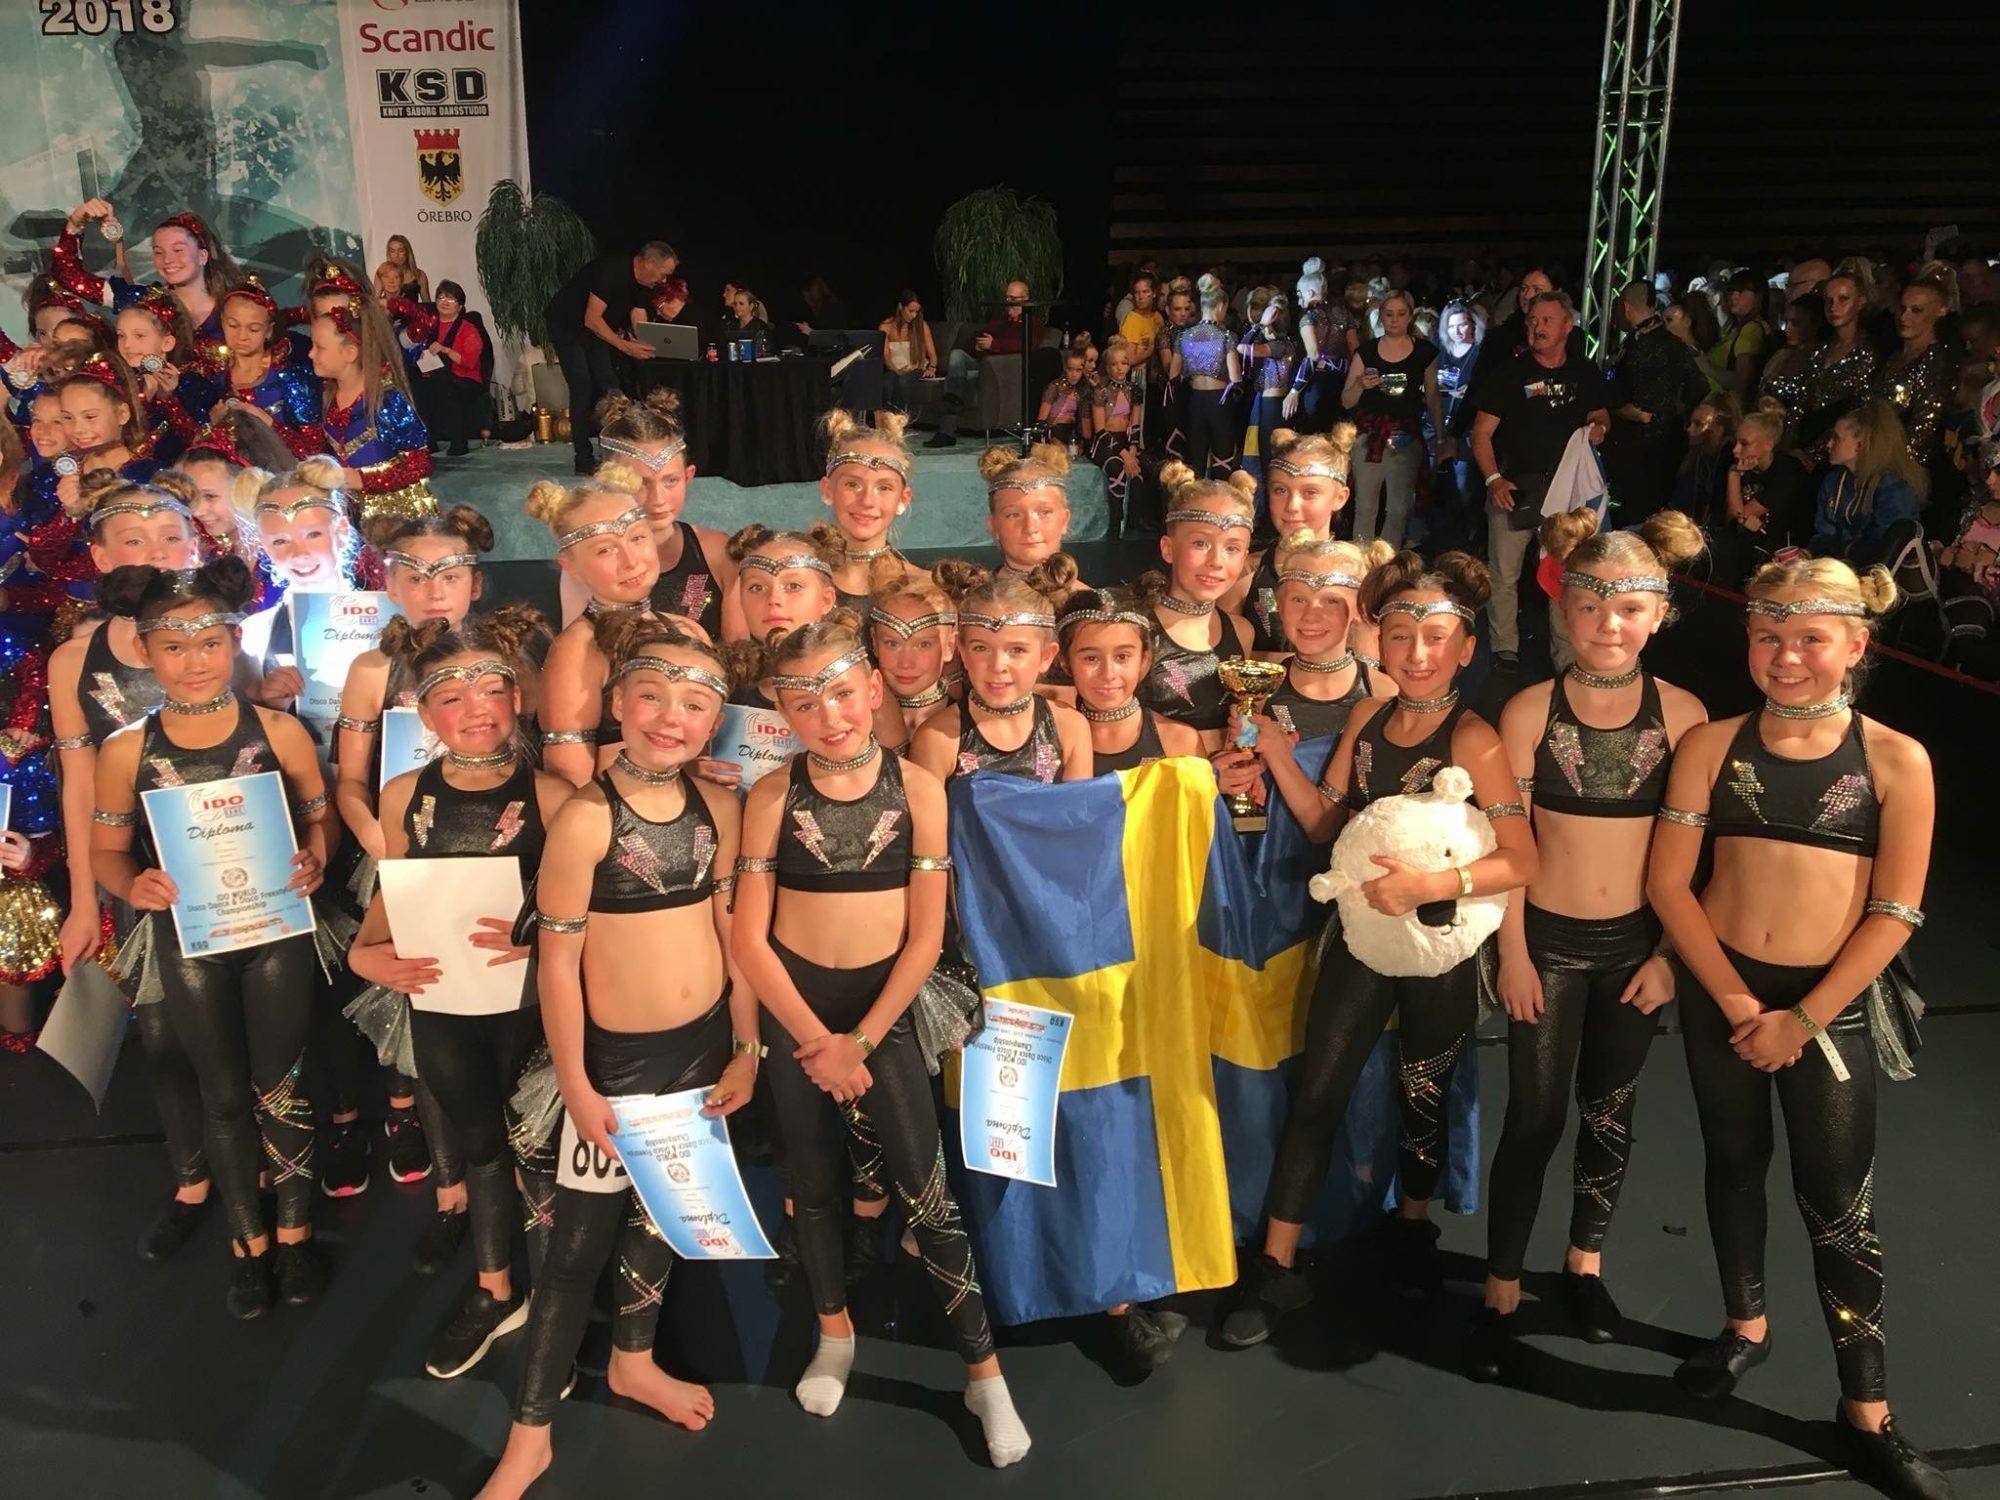 Tävlingsdansare med svensk flagga och diplom